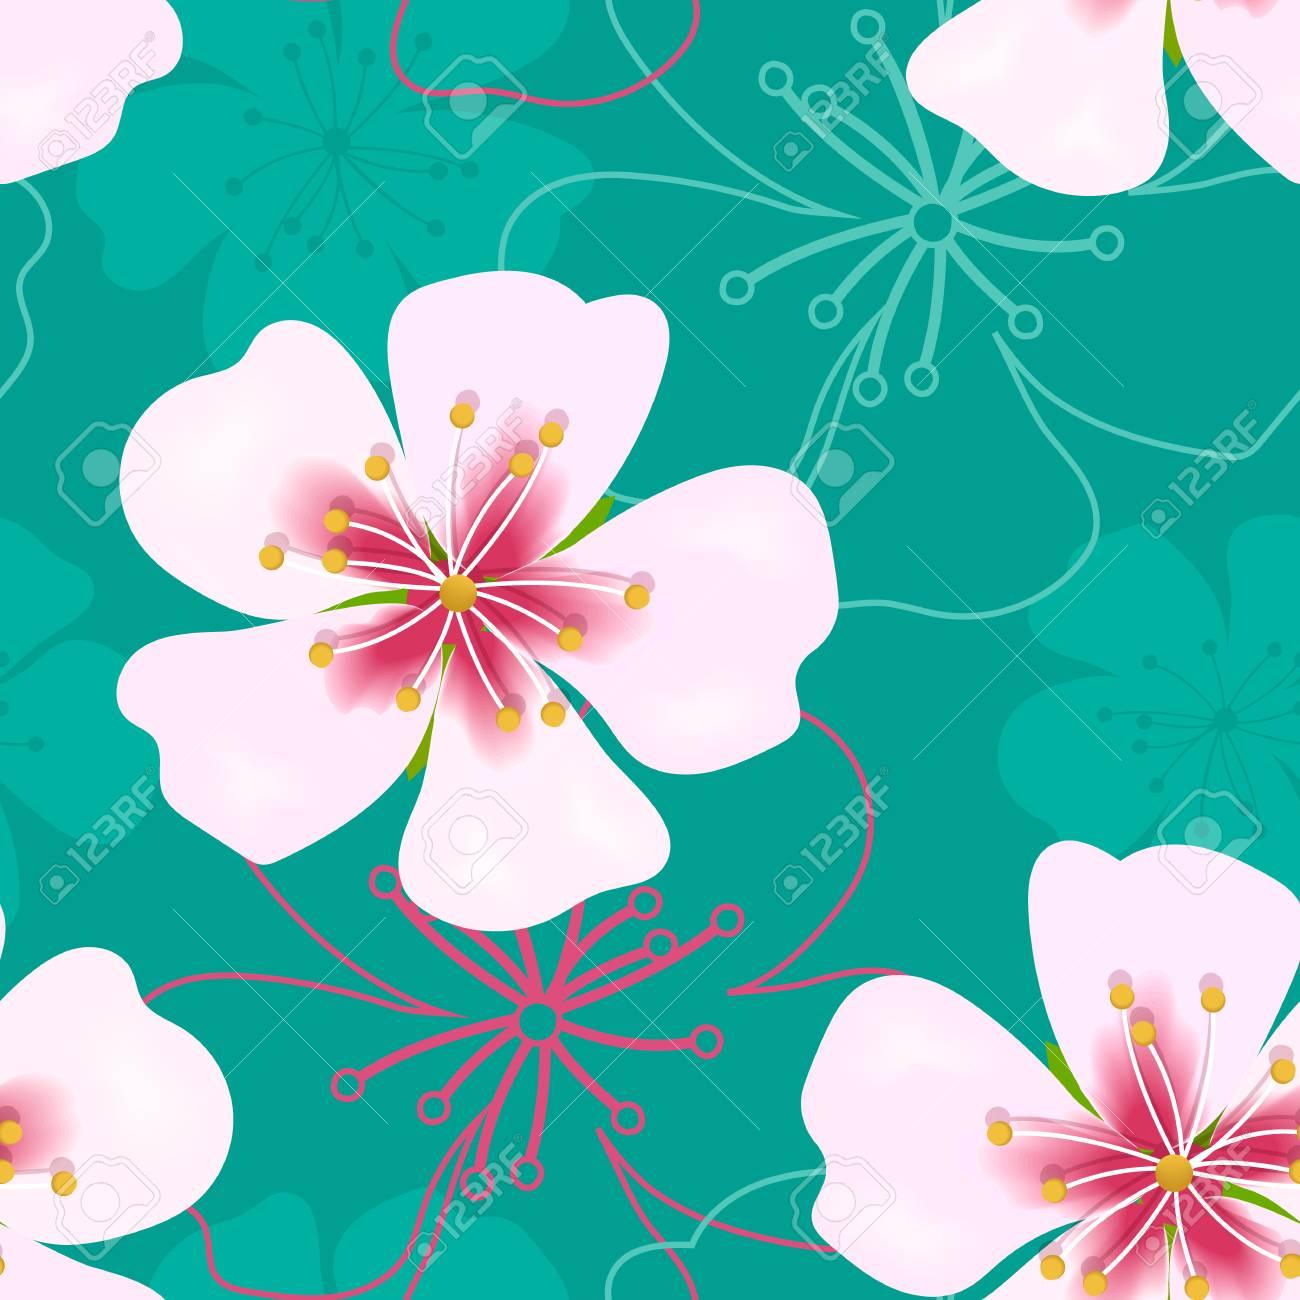 壁紙シンプルかわいいシームレス パターン のイラスト素材 ベクタ Image